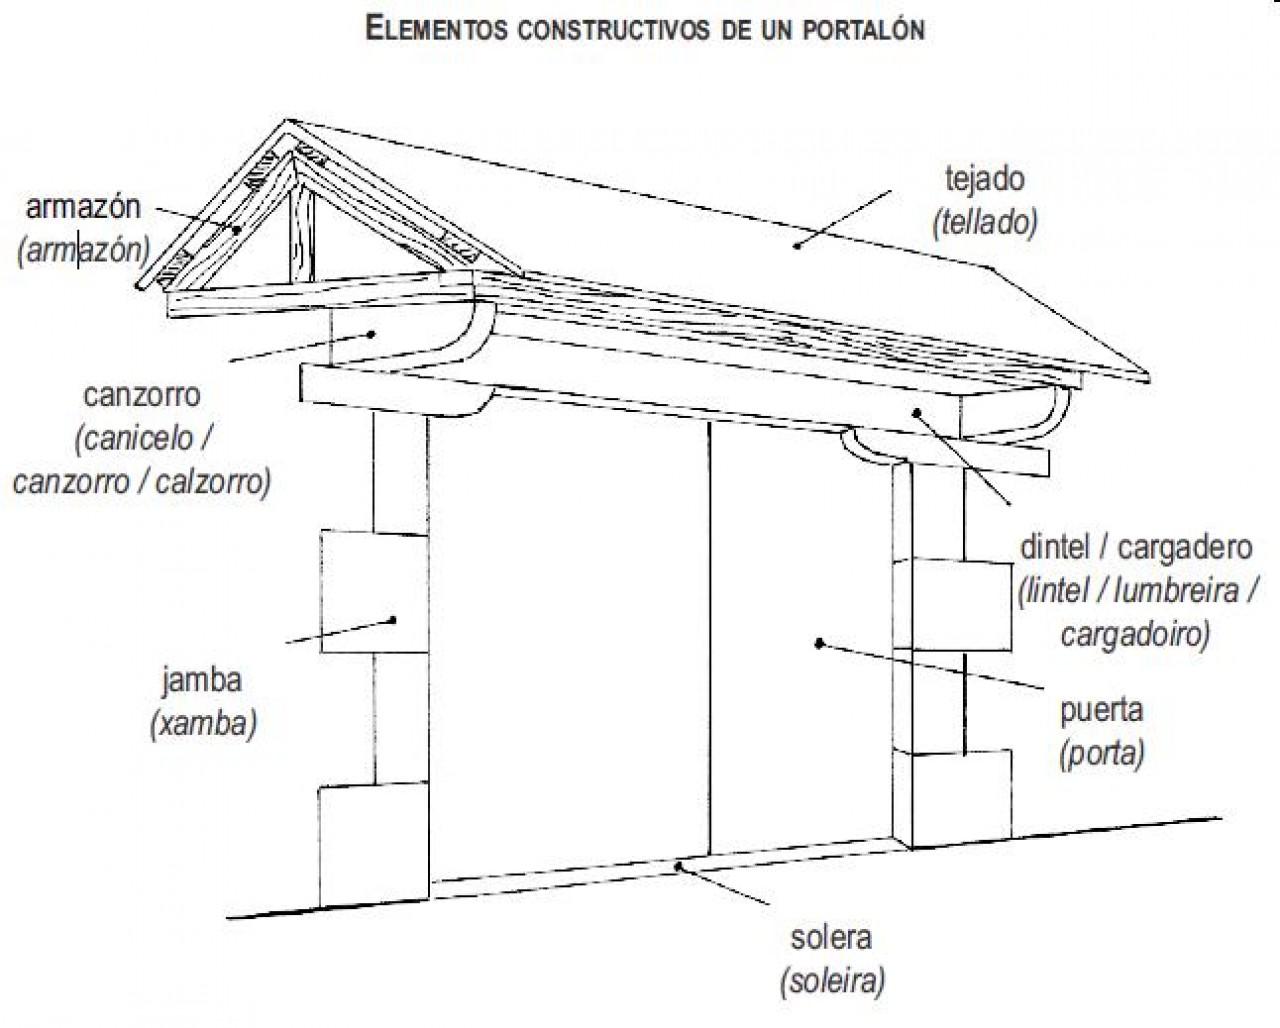 elementos-constructivos-de-un-portalon-1